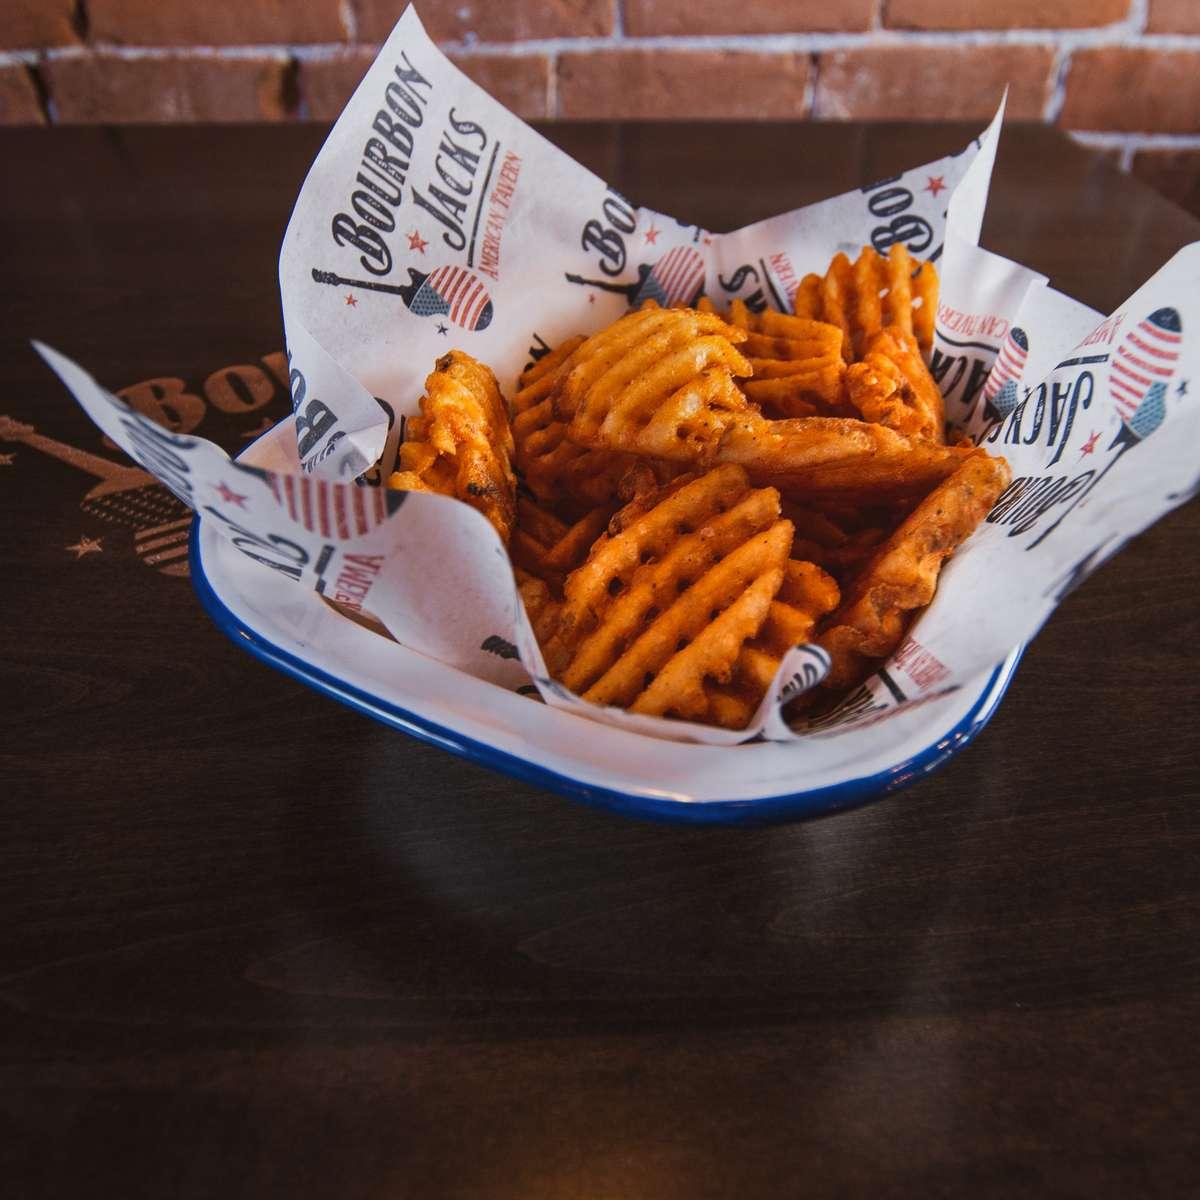 Basket of Waffle Fries